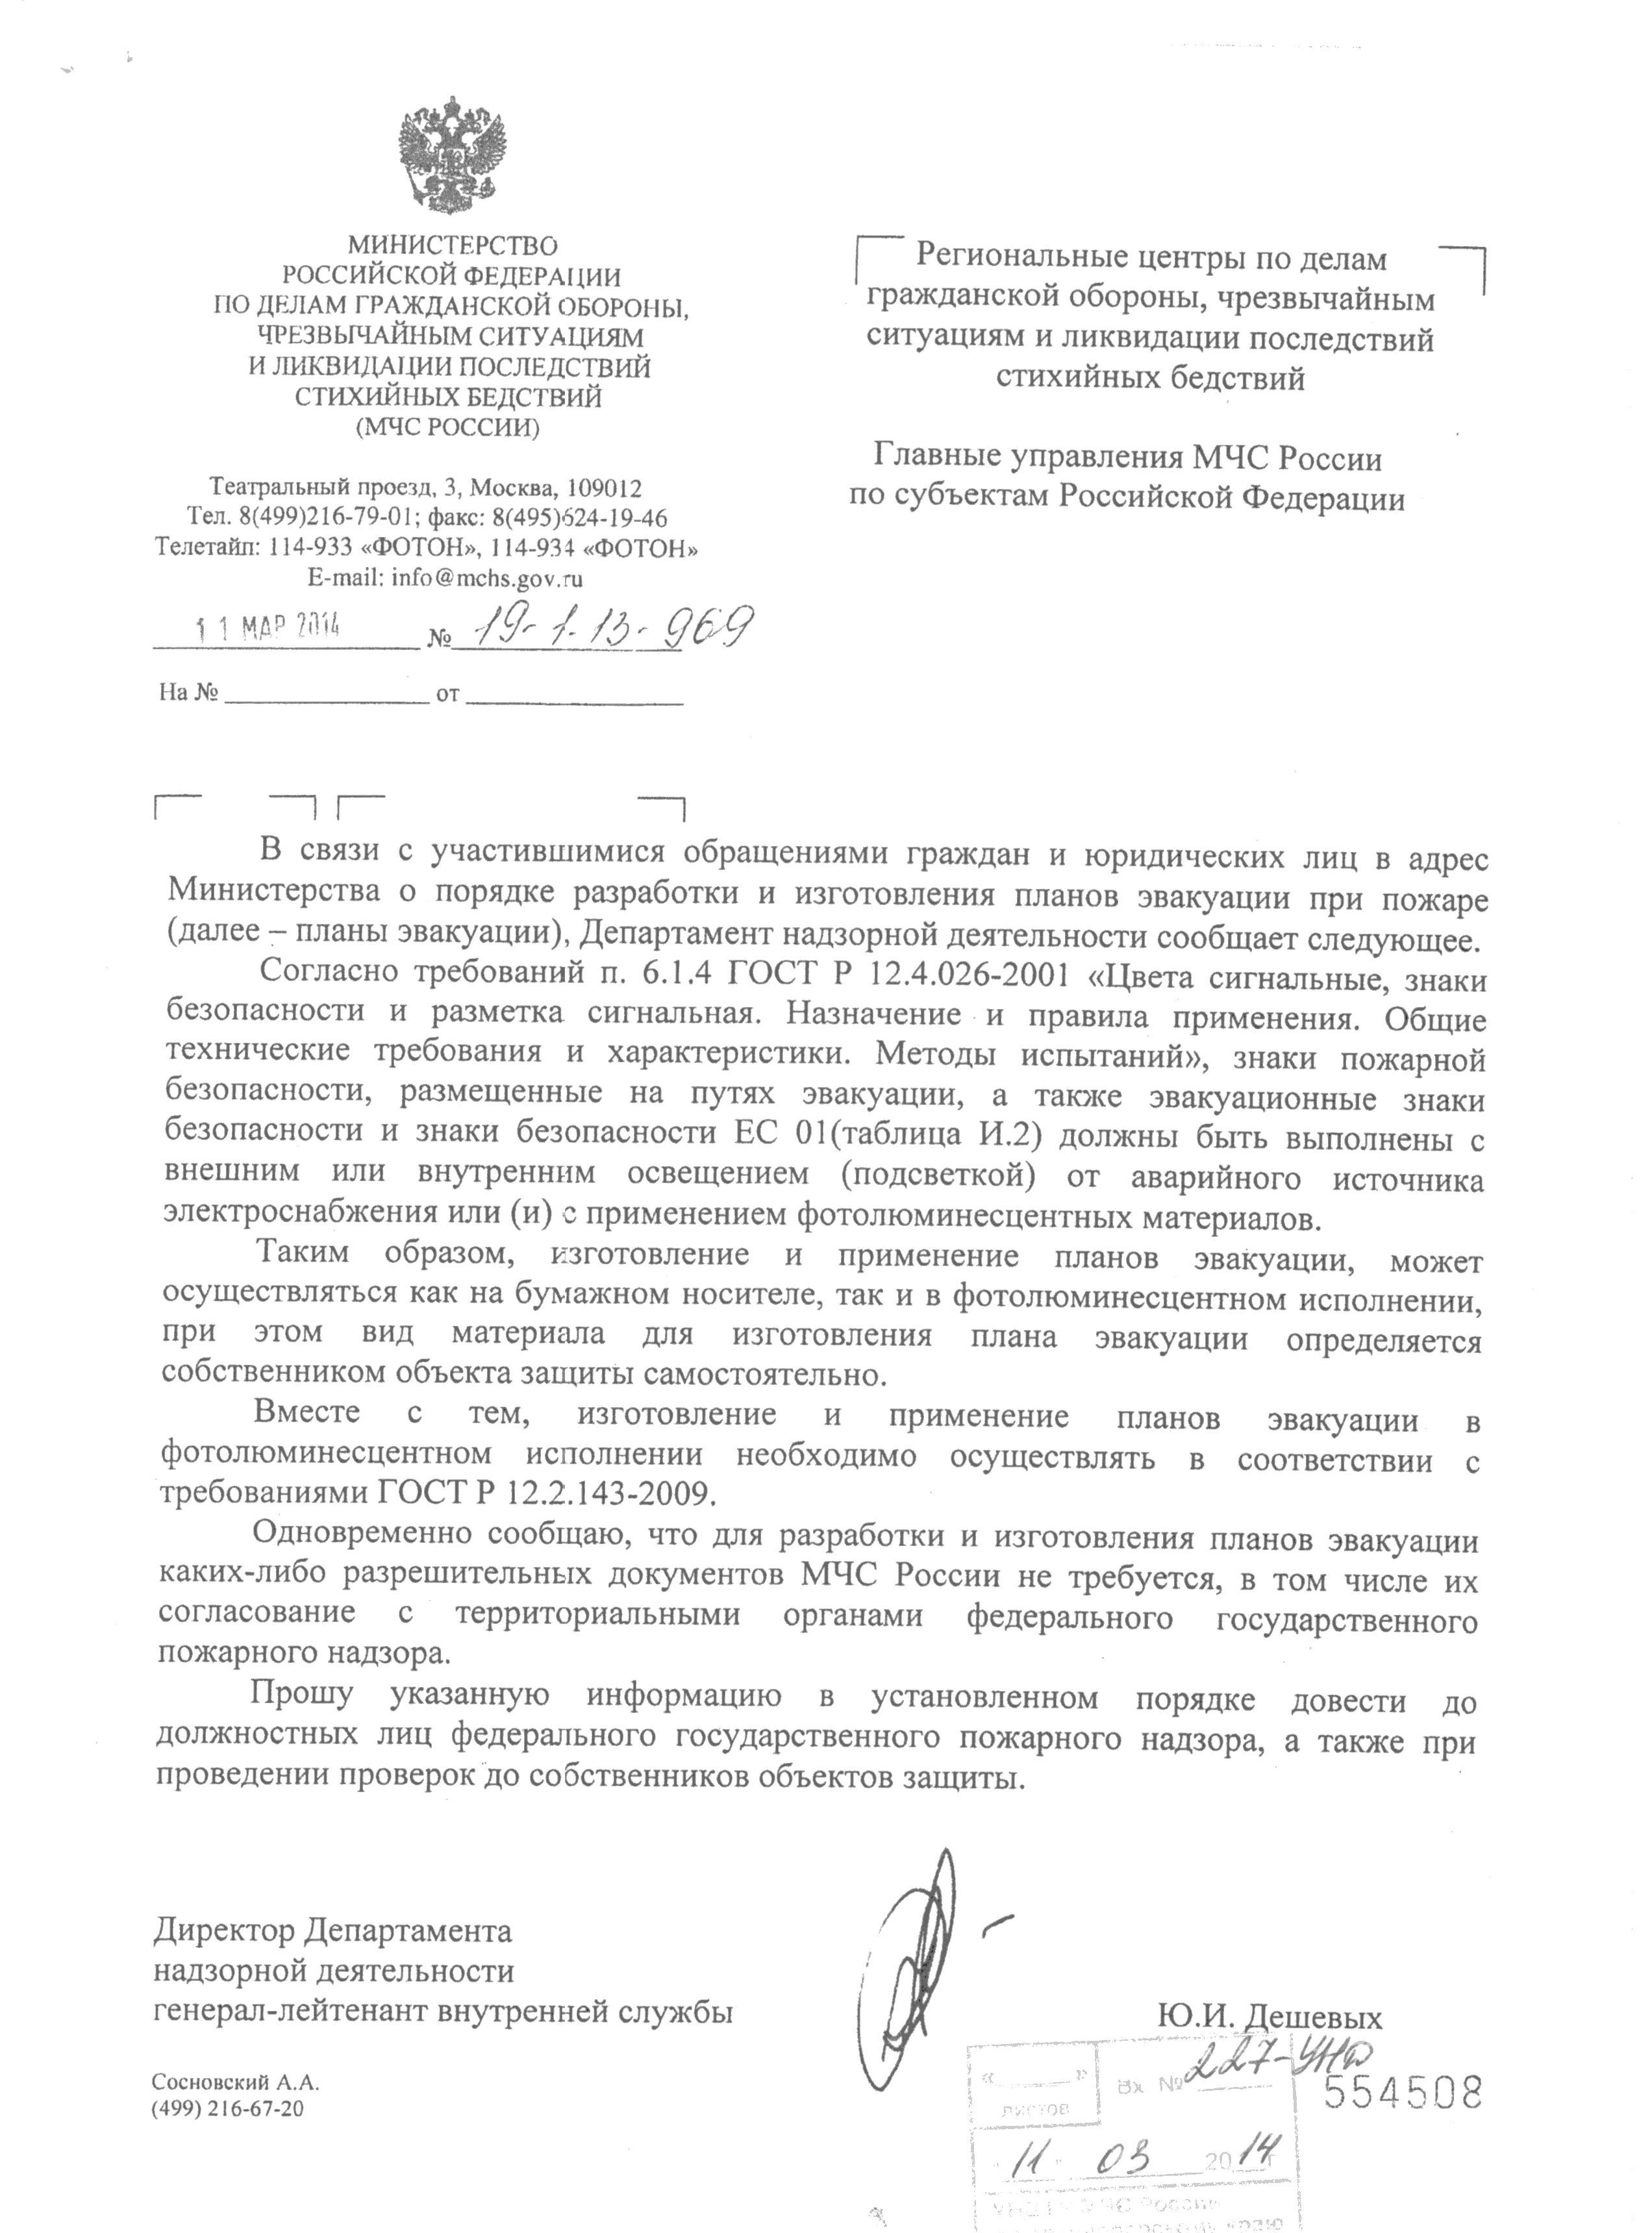 Письмо ДНД МЧС России об особенностях изготовления и применения ФЭС